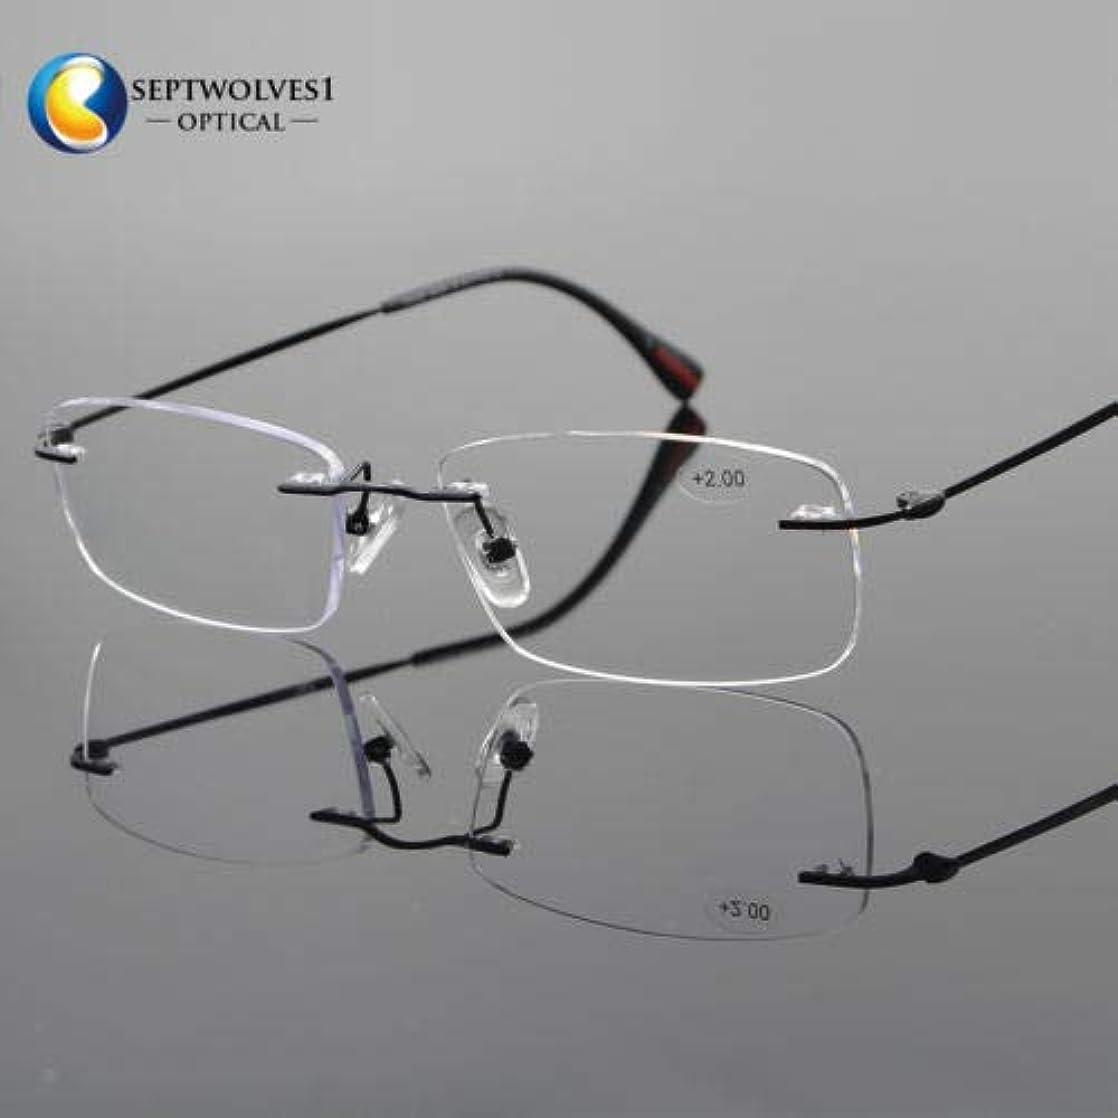 平方またはどちらか性的FidgetGear 新しいβチタン縁なし老眼鏡UV400コーティングレンズリーダー+0.00?+ 5.00 ブラック